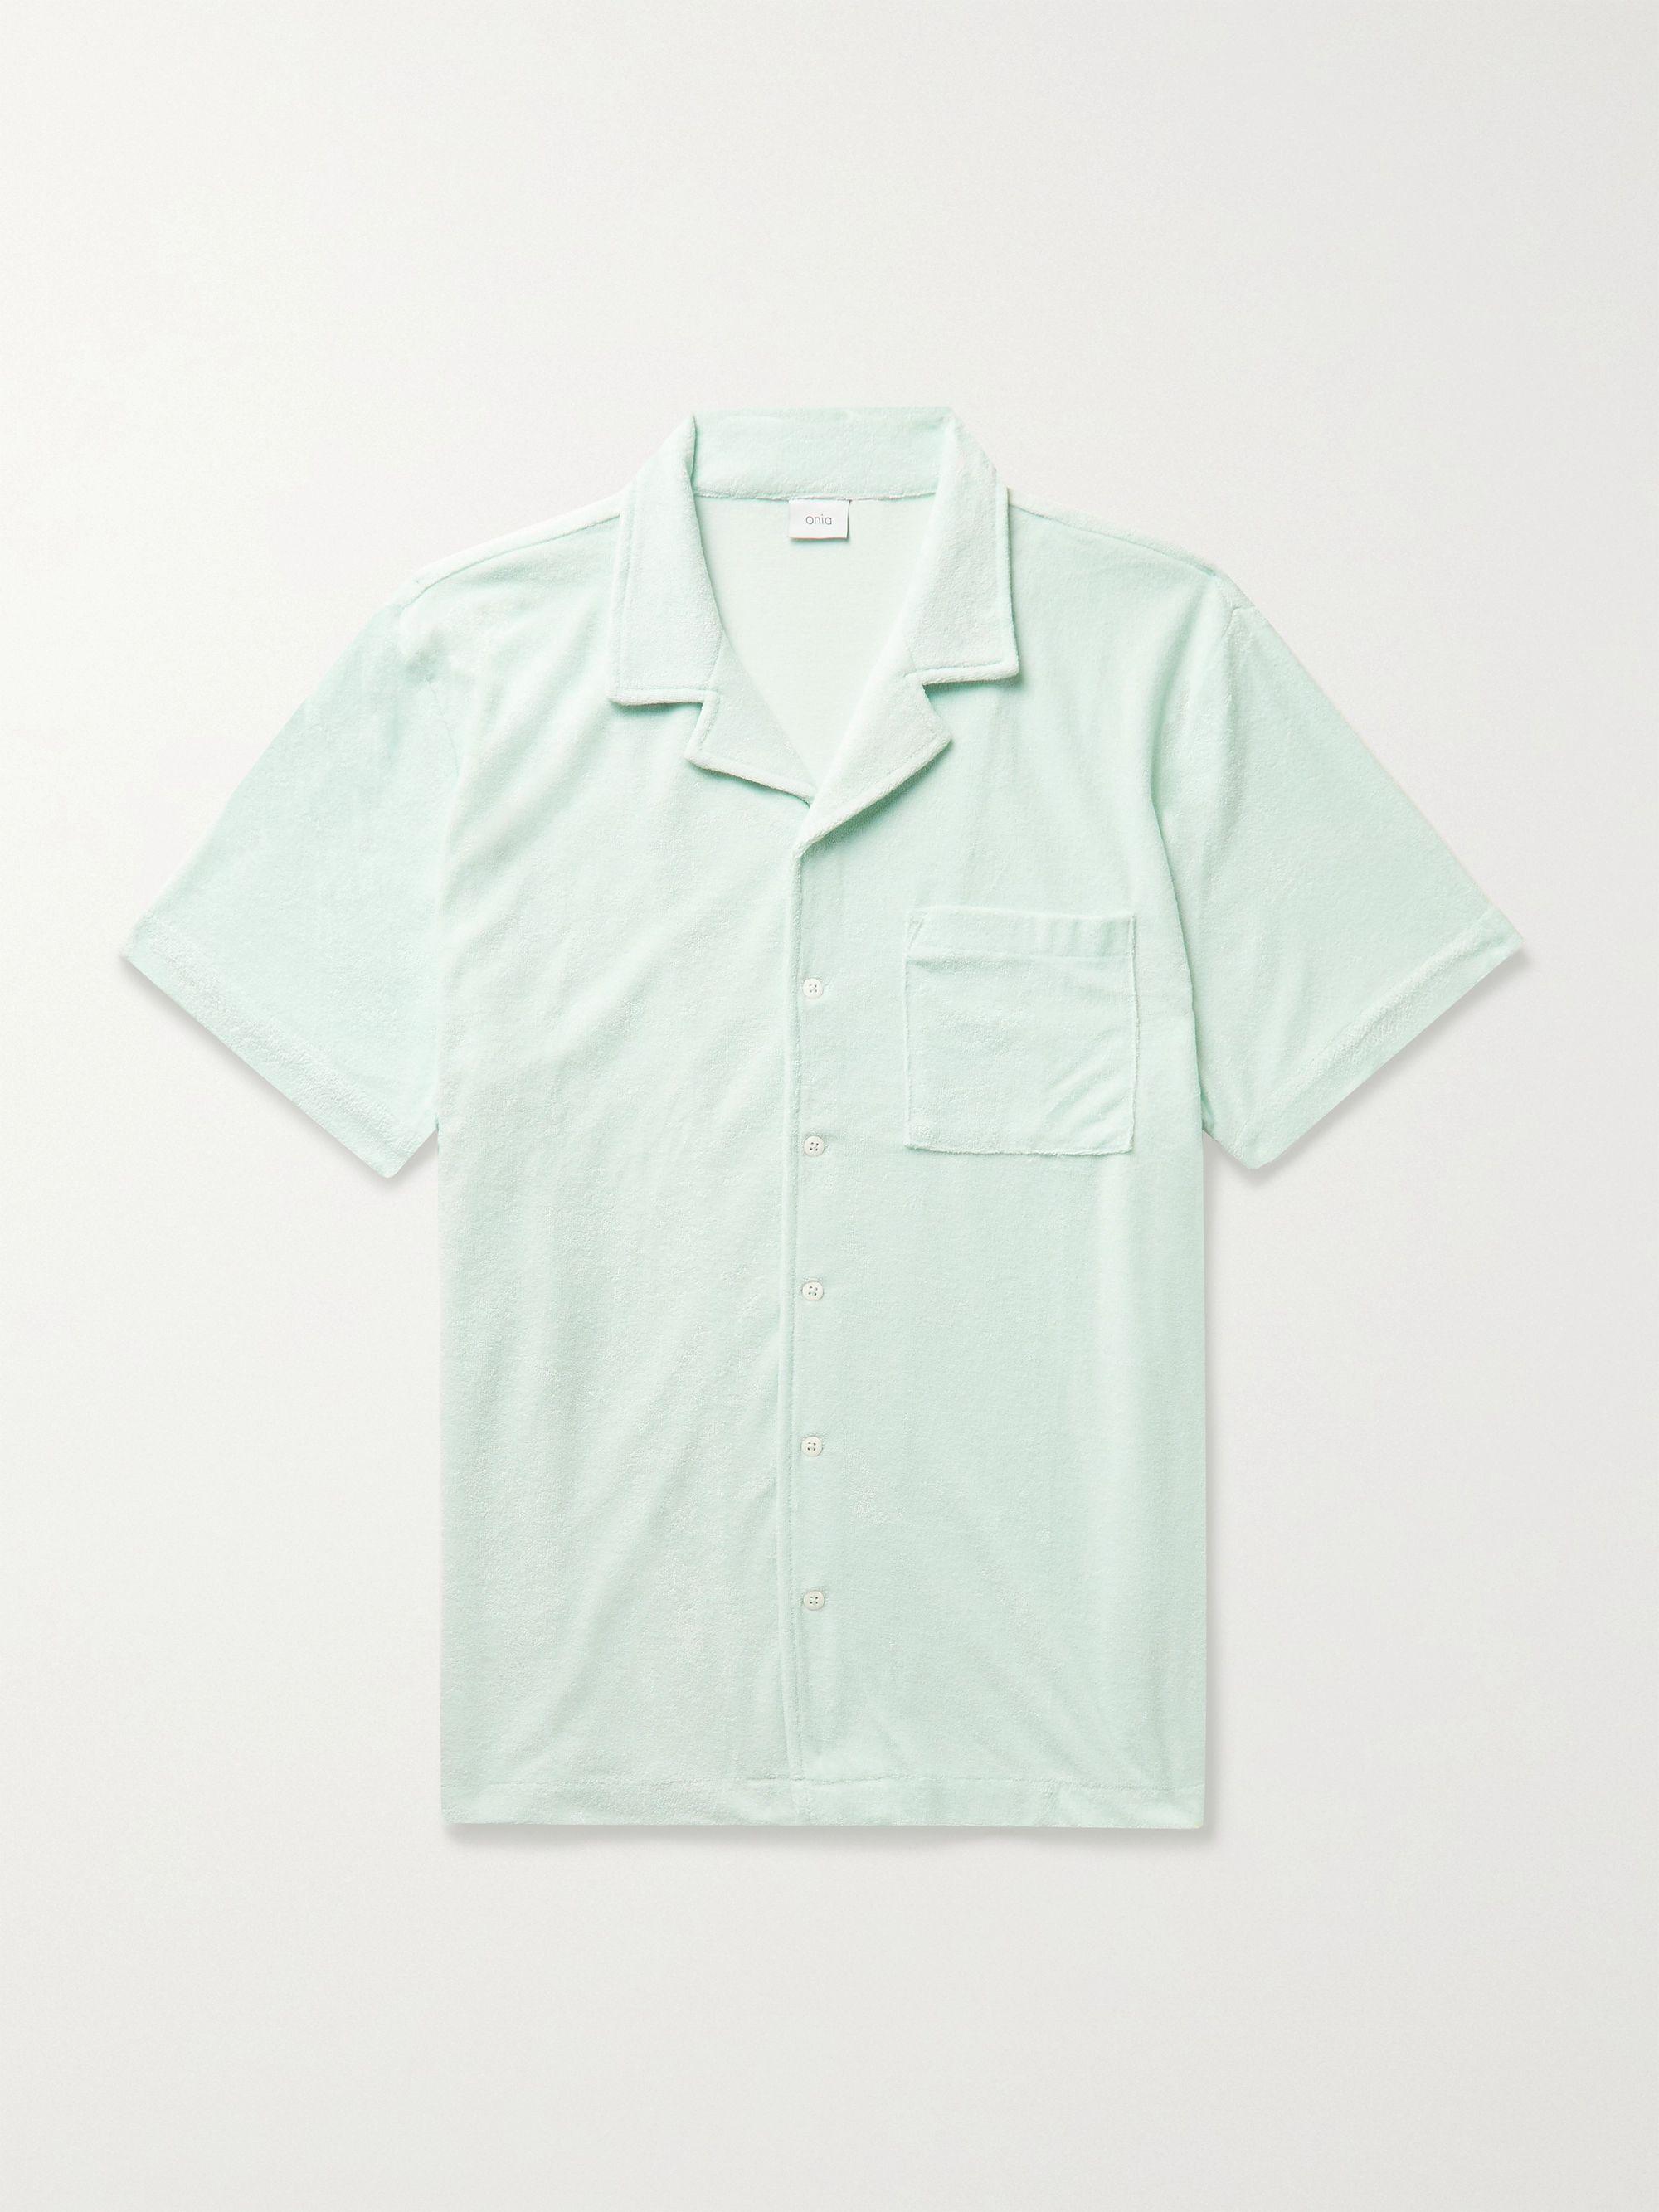 ONIA Camp-Collar Cotton-Blend Terry Shirt,Light blue